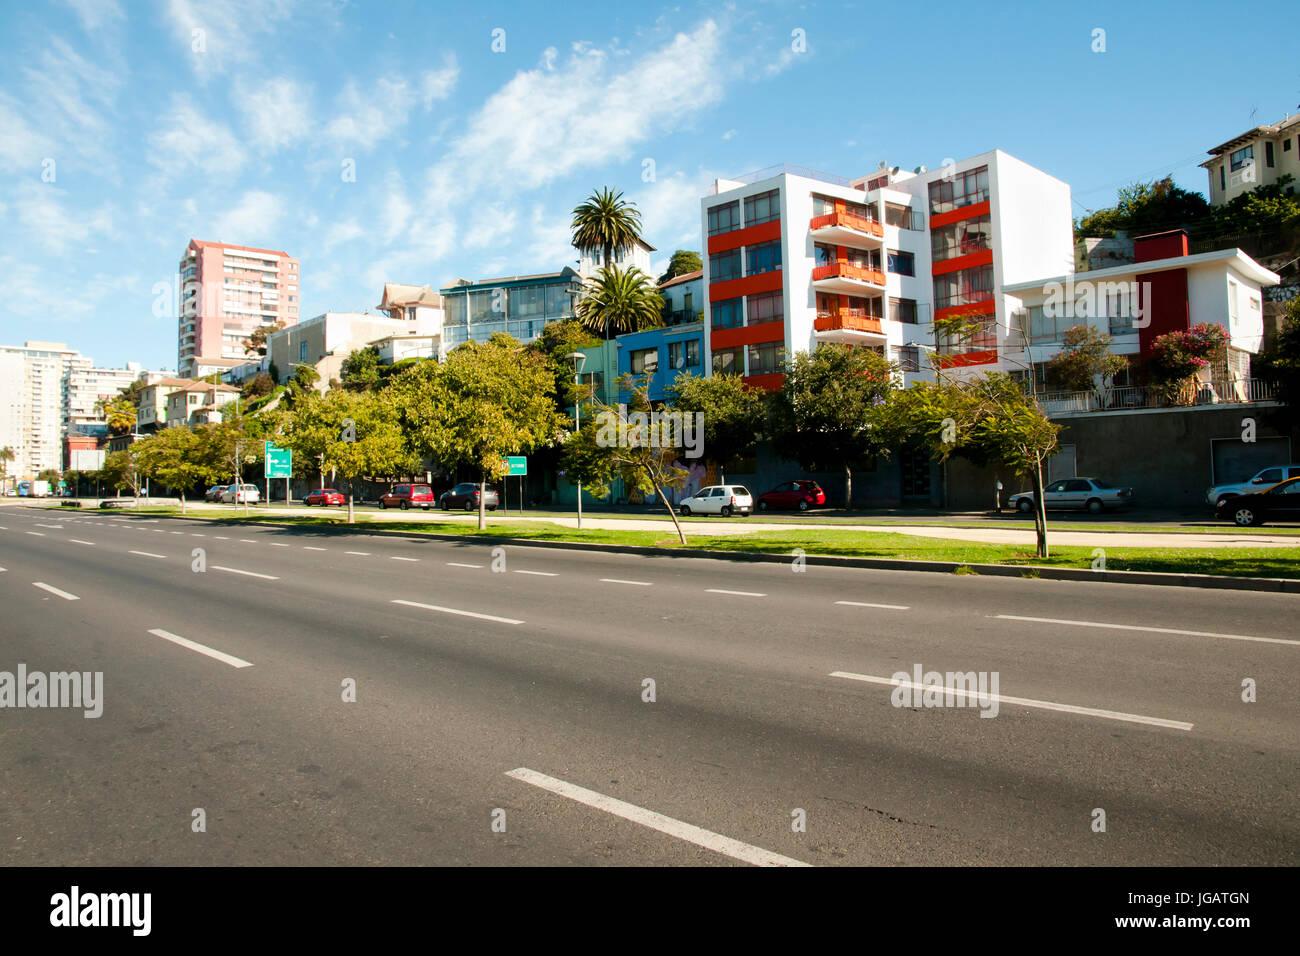 Viana Alvarez Boulevard - Vina Del Mar - Chile - Stock Image